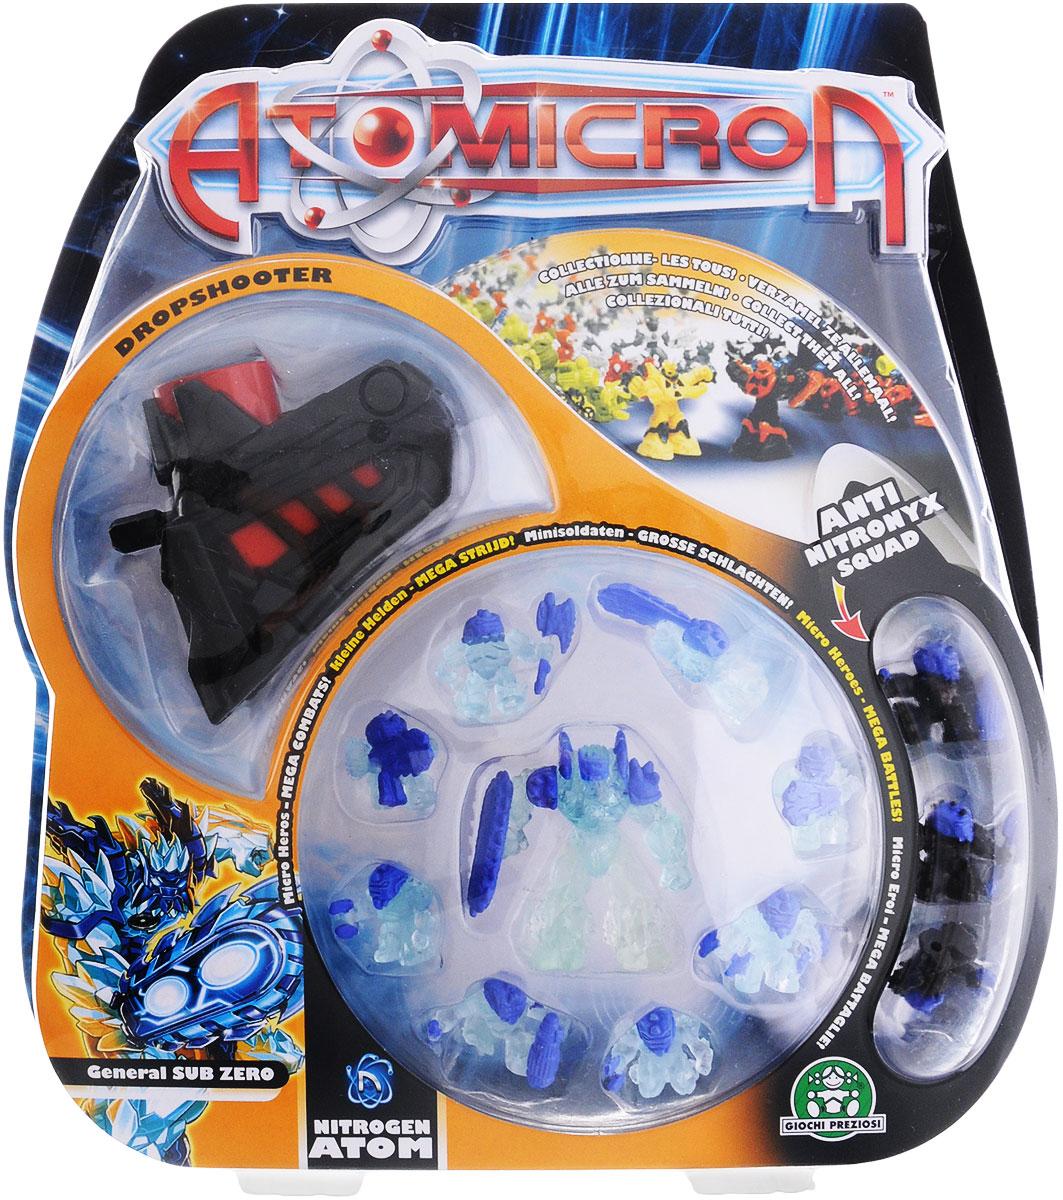 Atomicron Игровой набор Nitrogen Atom